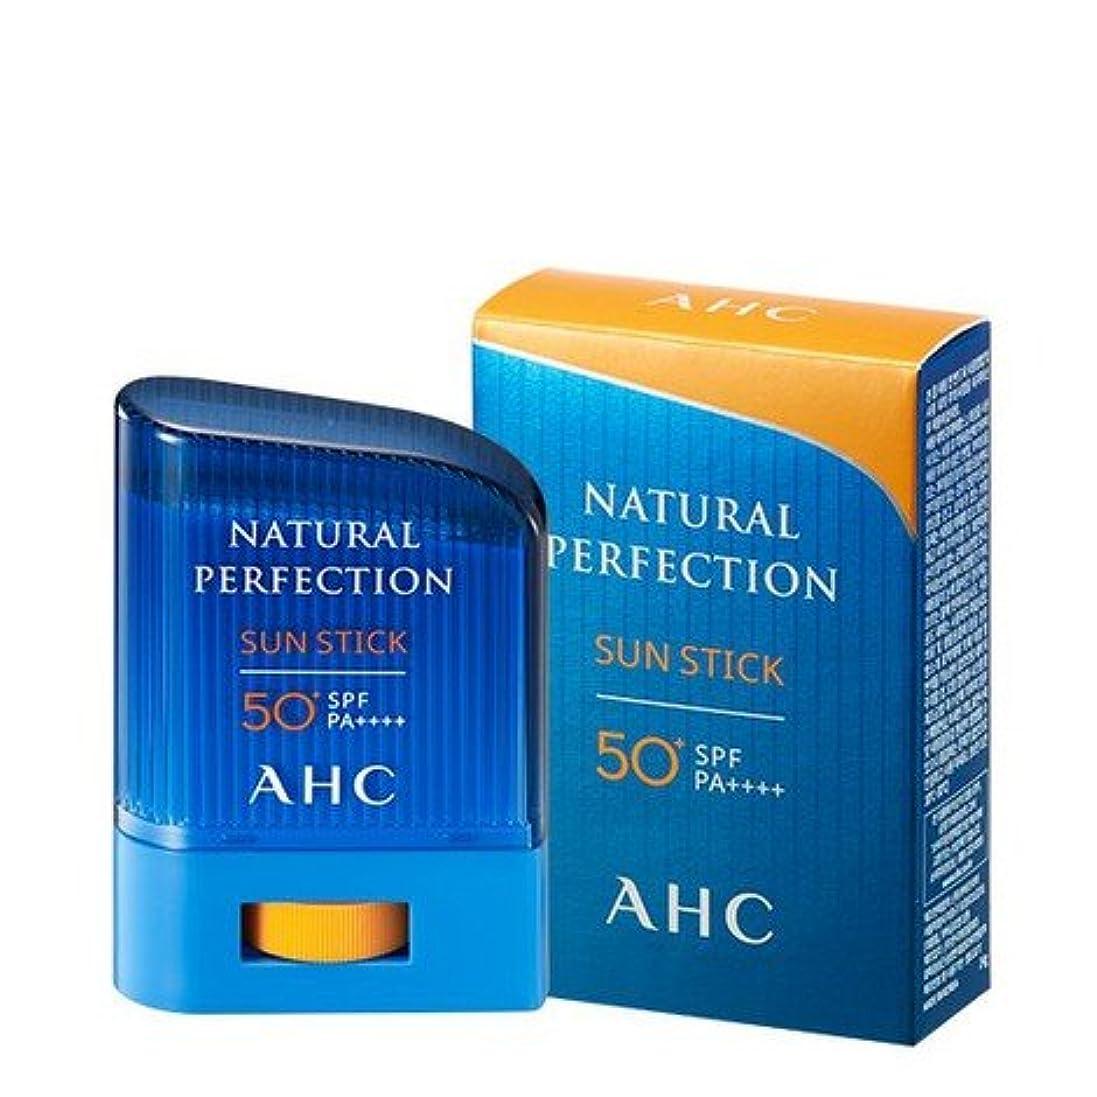 祖先モナリザカヌー[Renewal 最新] AHCナチュラルパーフェクション線スティック / AHC NATURAL PERFECTION SUN STICK [SPF 50+ / PA ++++] [並行輸入品] (14g)